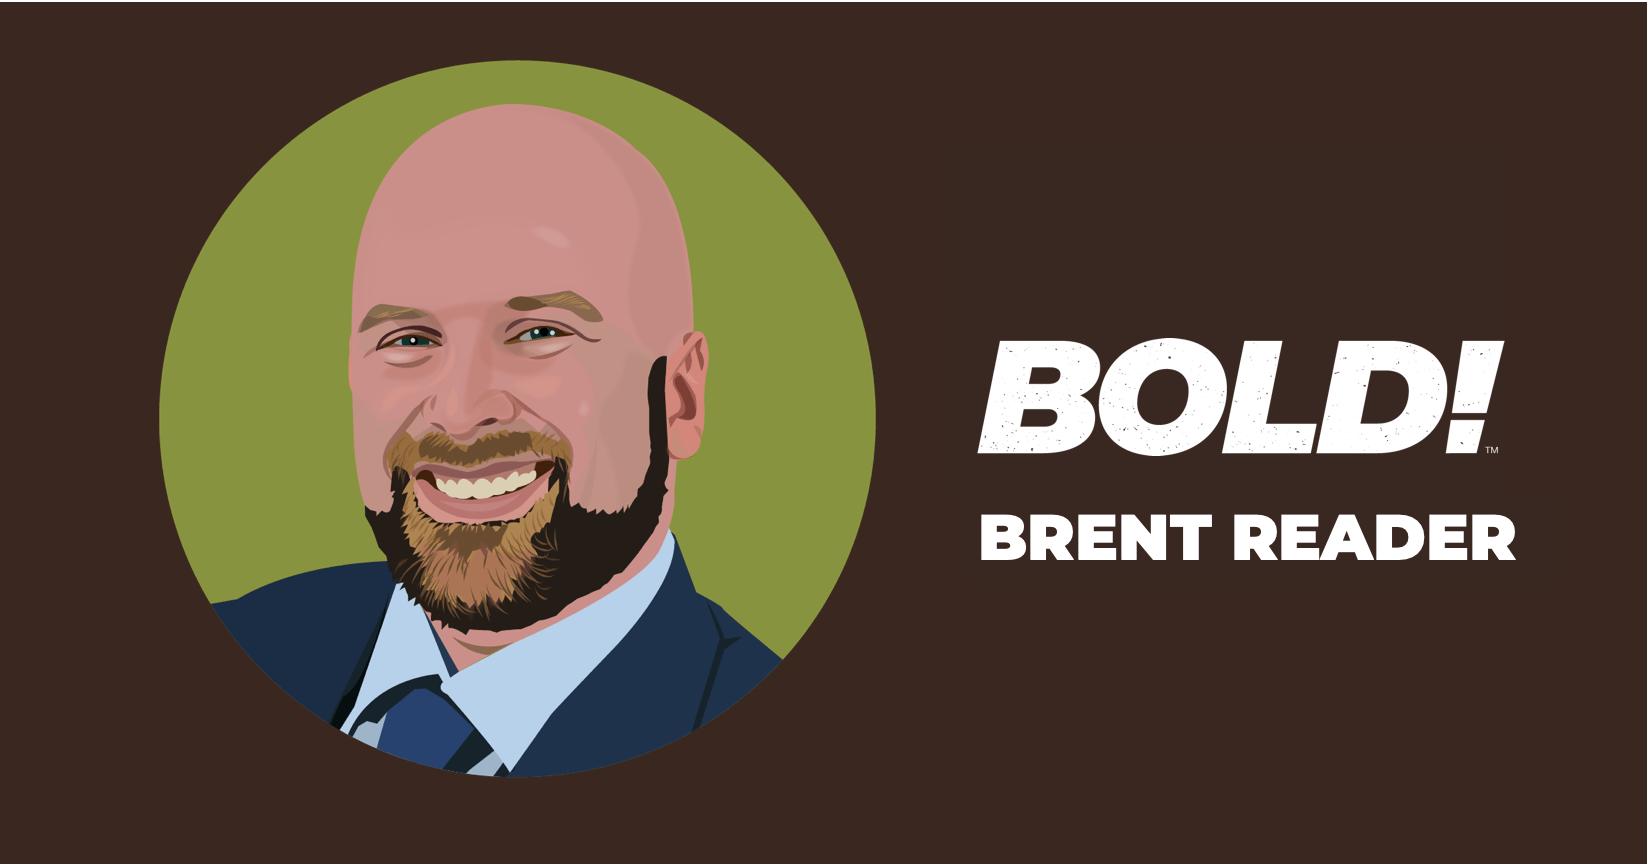 Bold-Brent-Reader